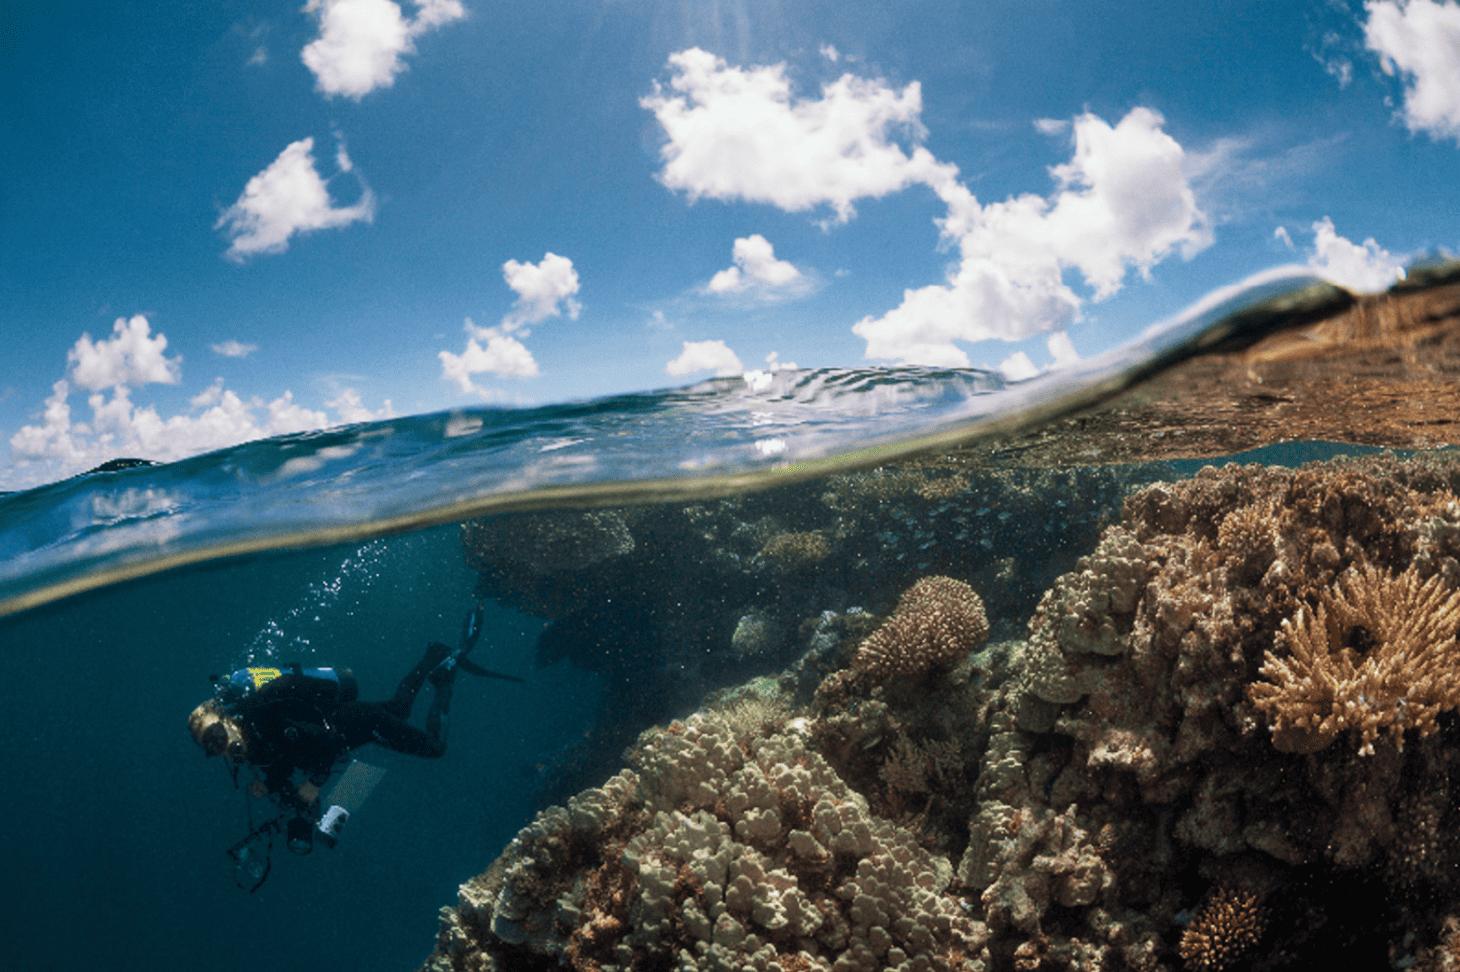 French Polynesia coral reefs Khalid bin sultan